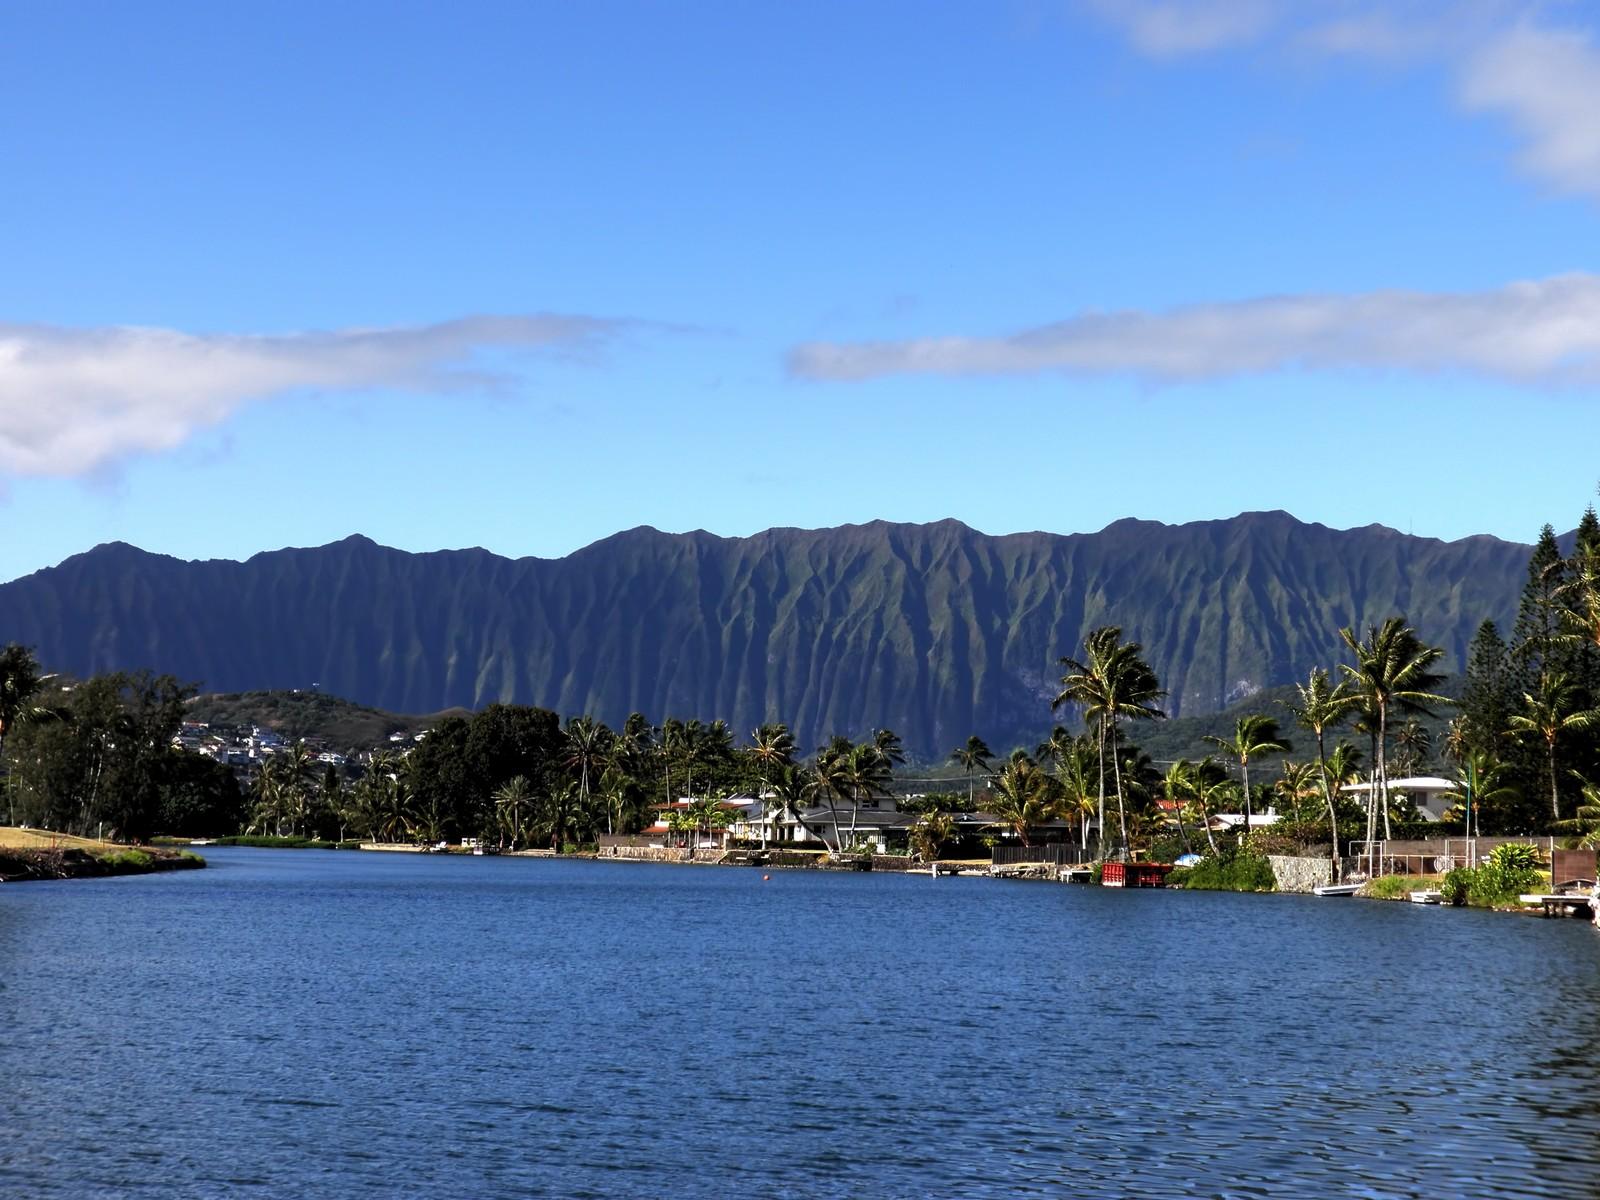 ハワイの気候!雨季と乾季はいつ?ベストシーズンは?それぞれの楽しみ方!